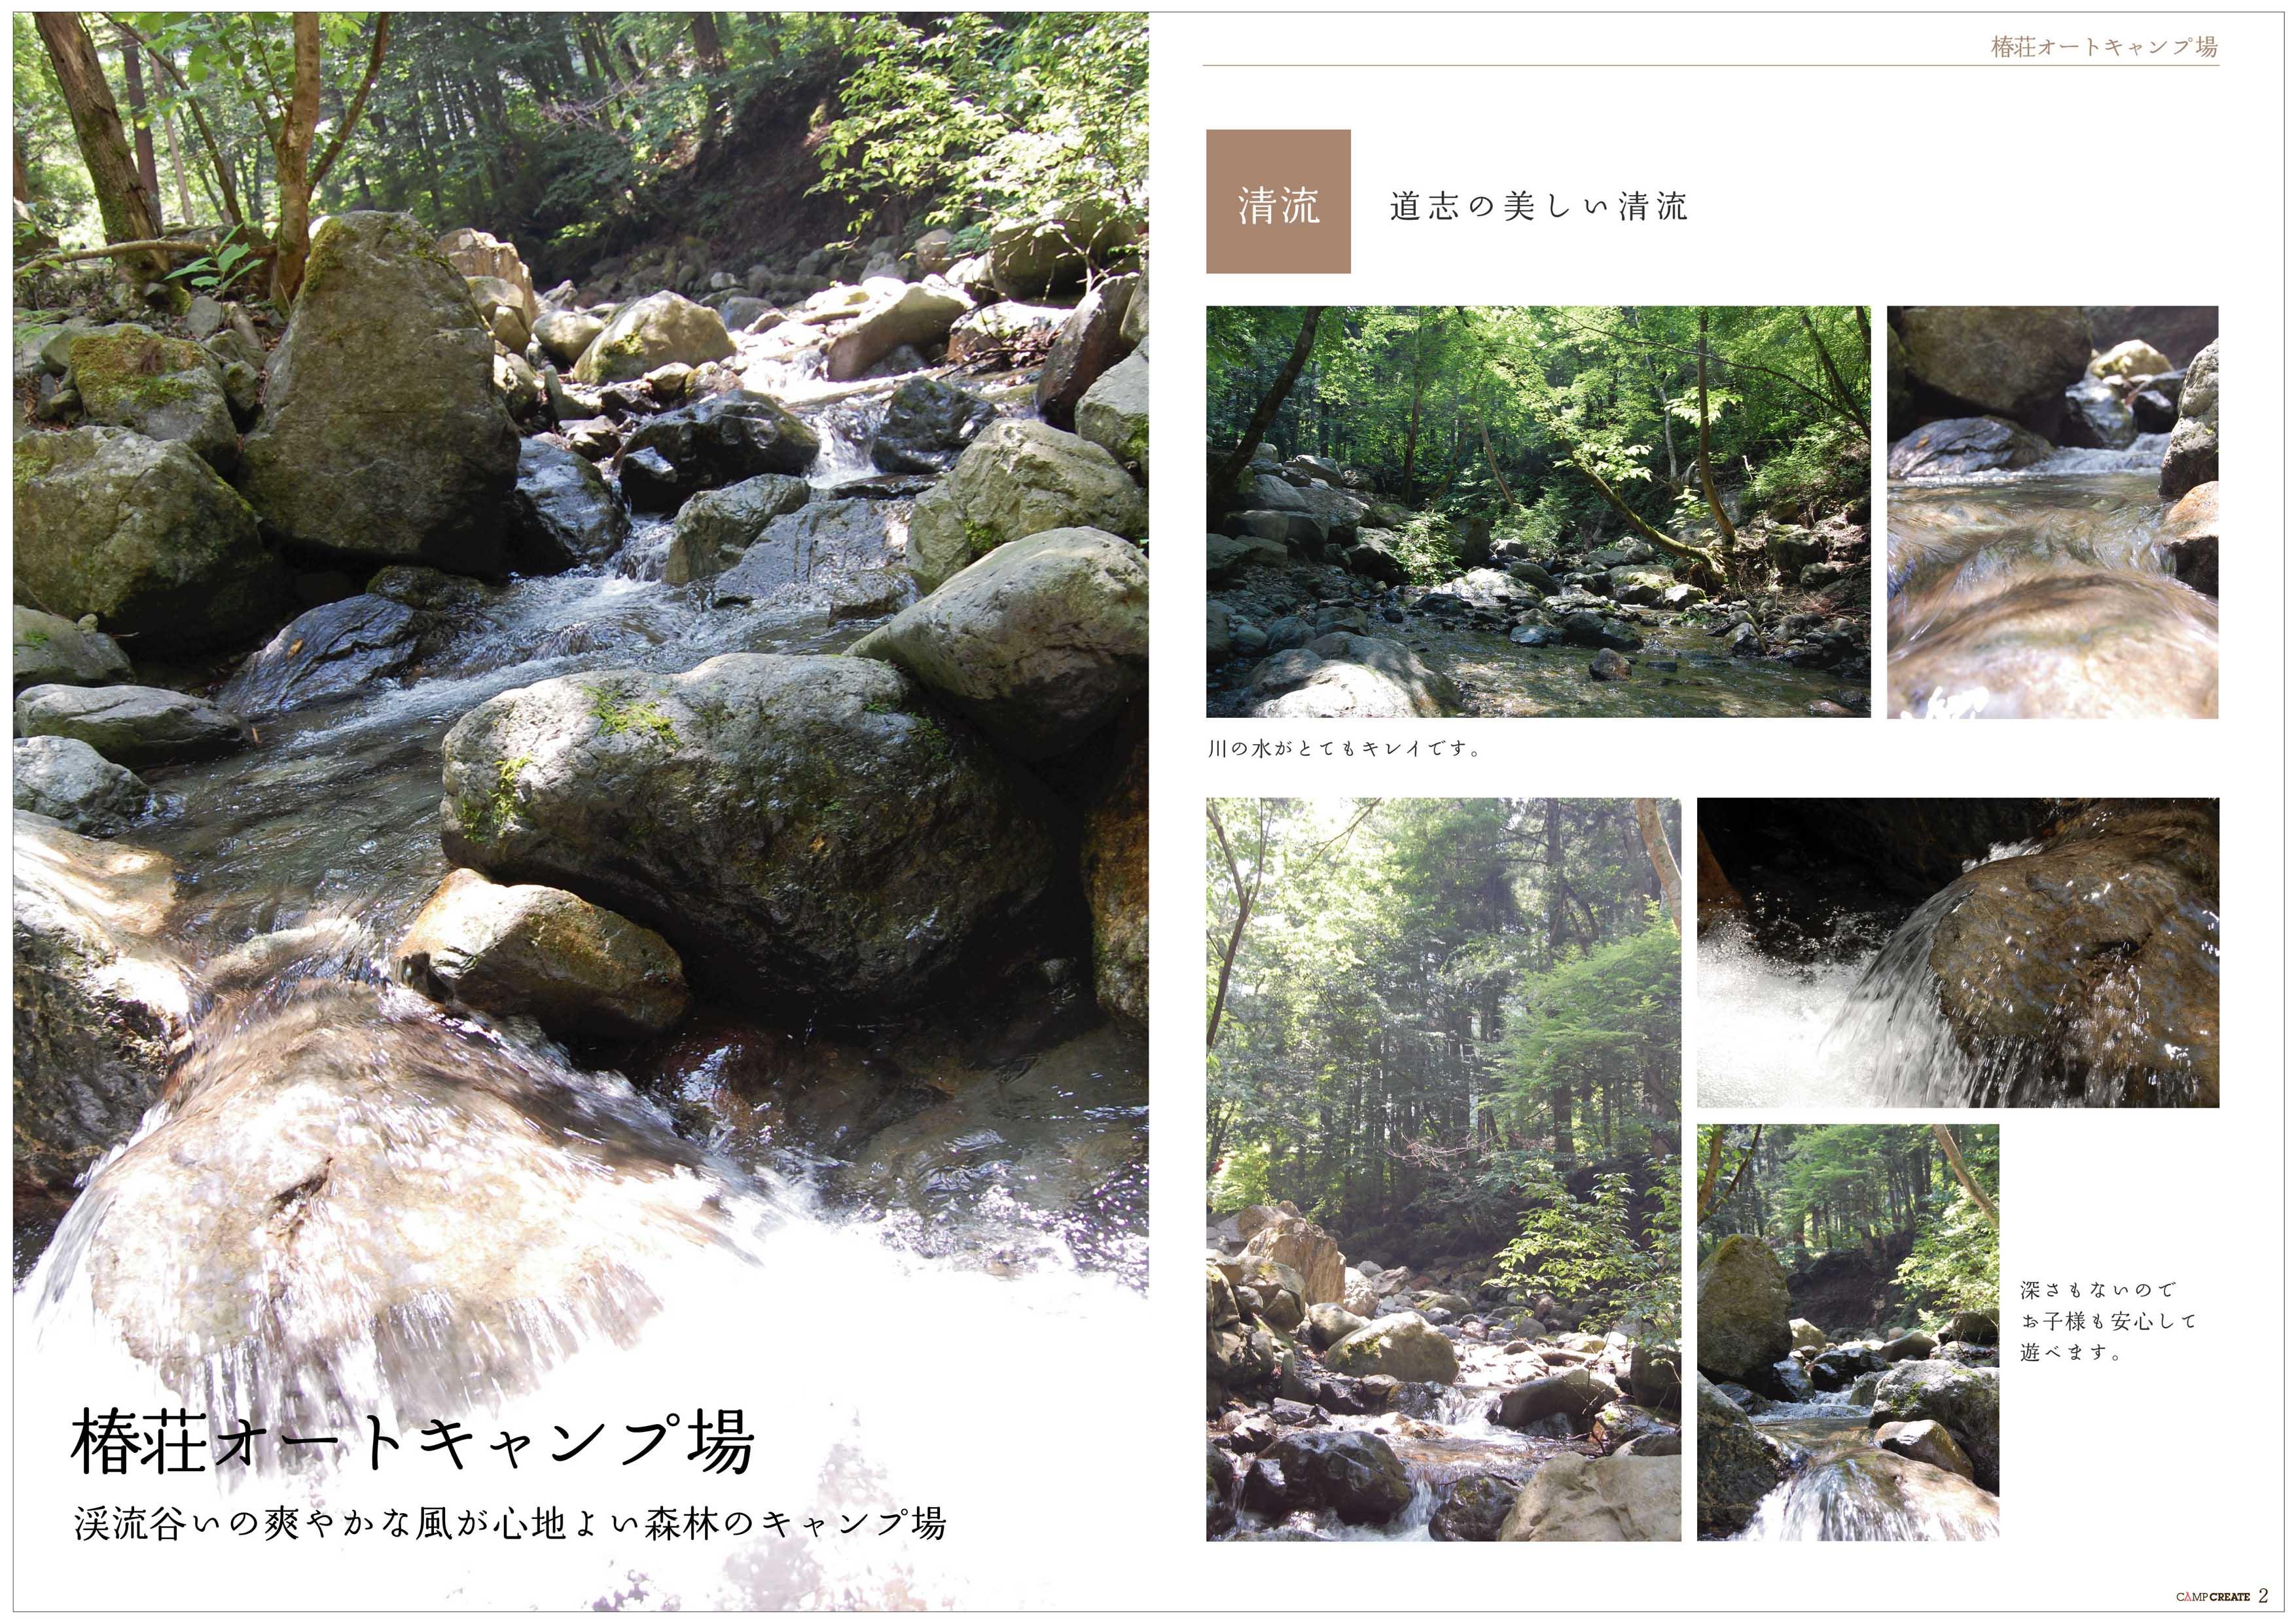 椿 荘 オート キャンプ 場 地図